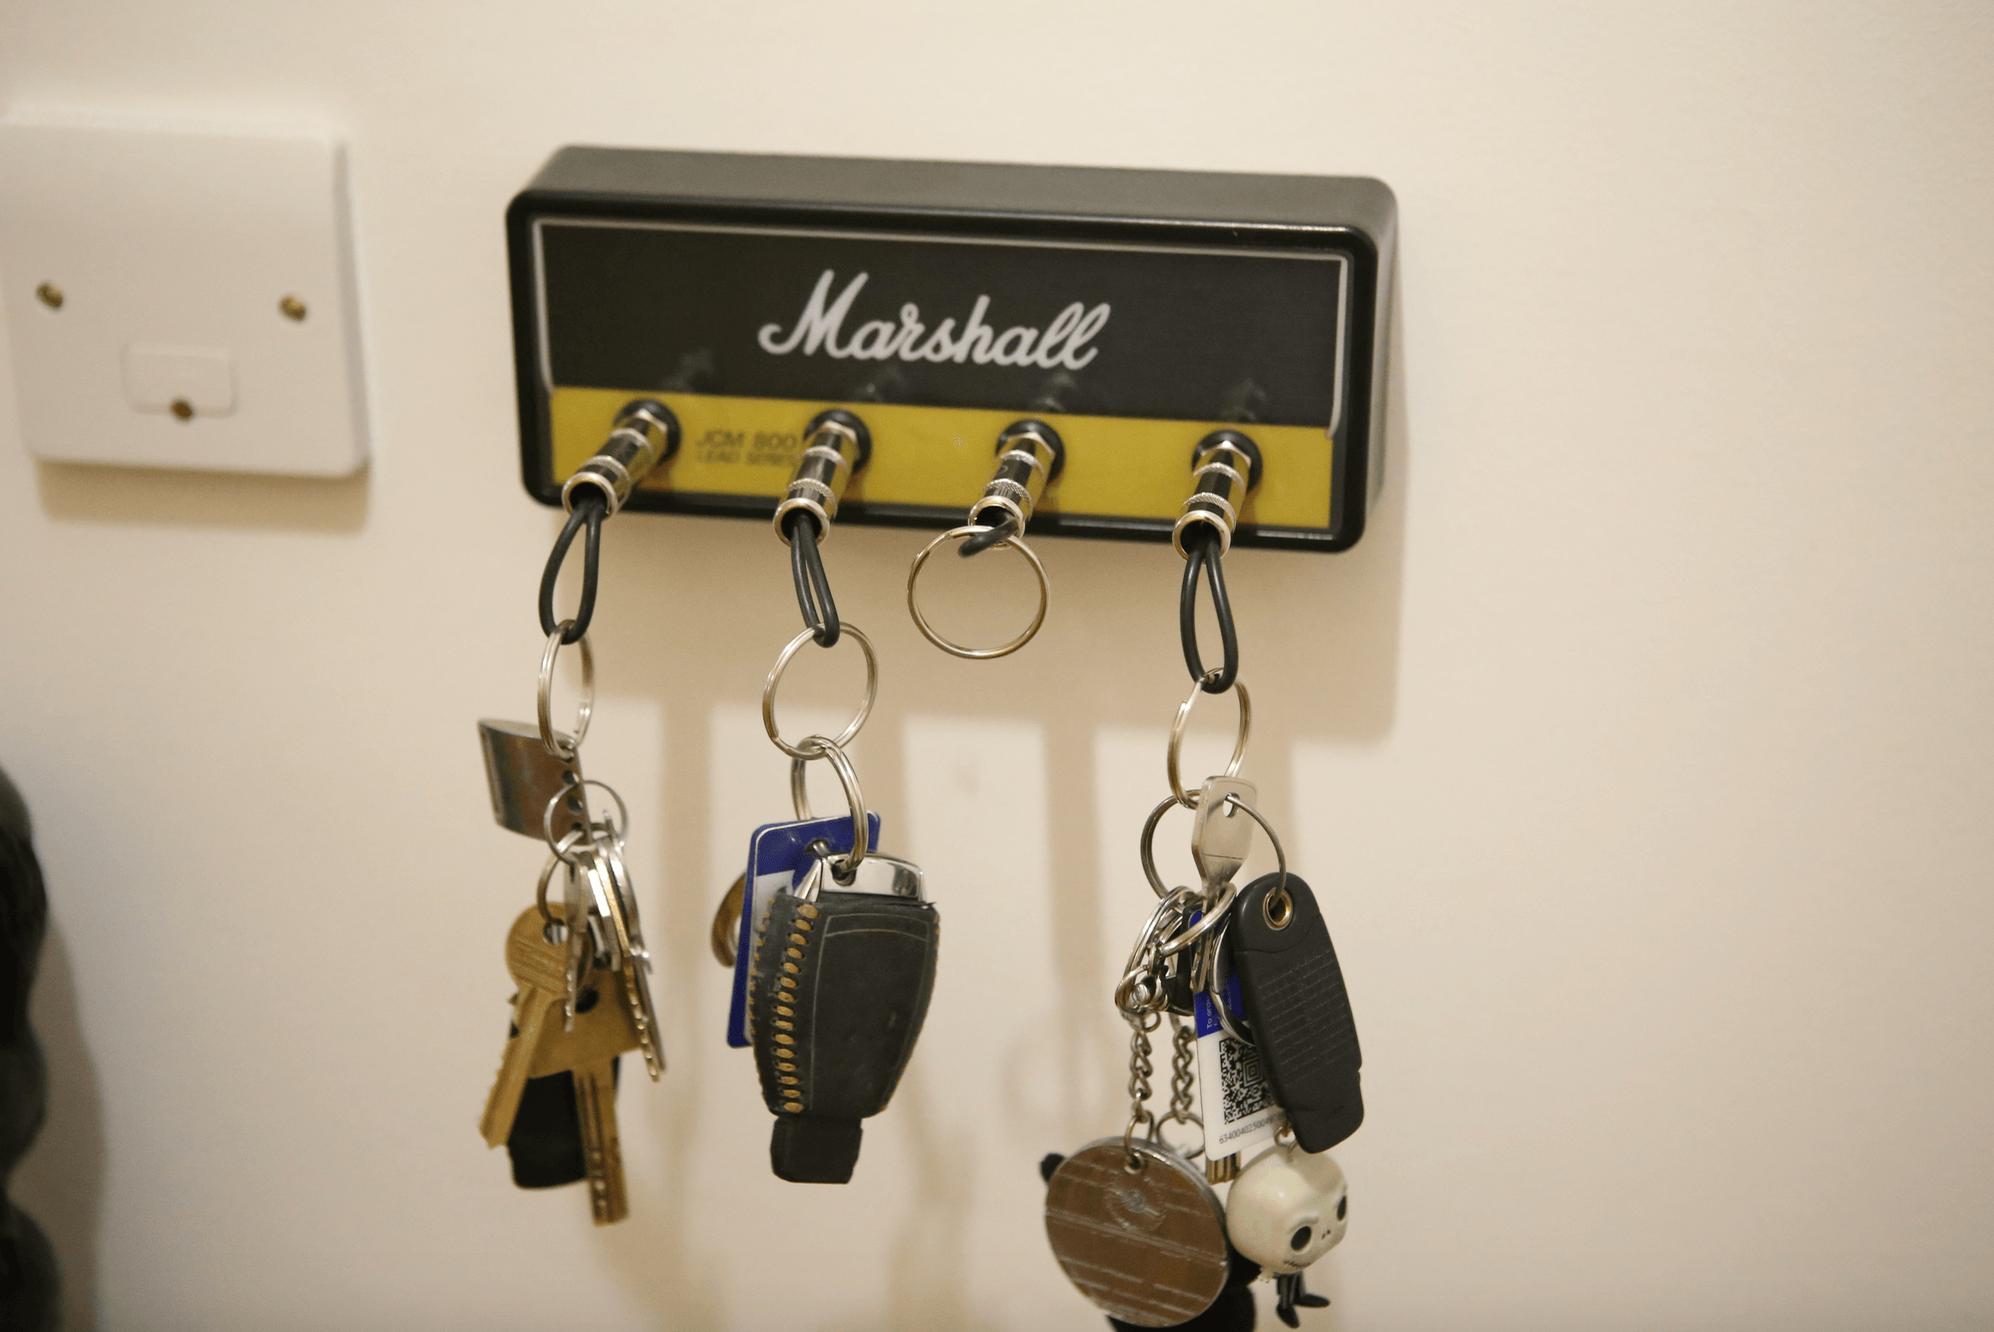 marshall amp key storage